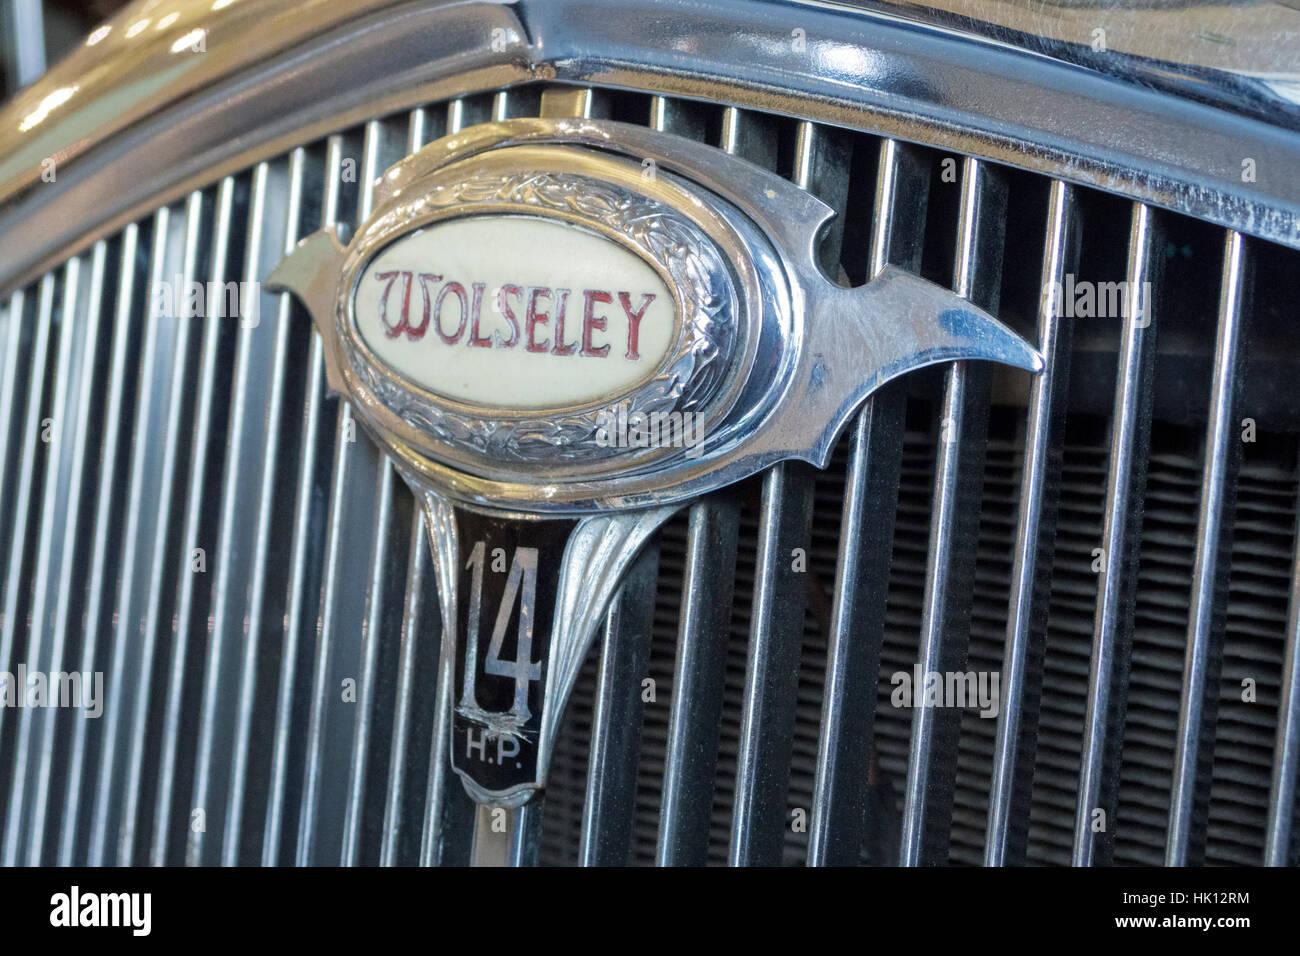 Wolseley Marchio distintivo sul cromo la griglia del radiatore di un 1937 Wolseley 14/55 S2, Regno Unito Immagini Stock